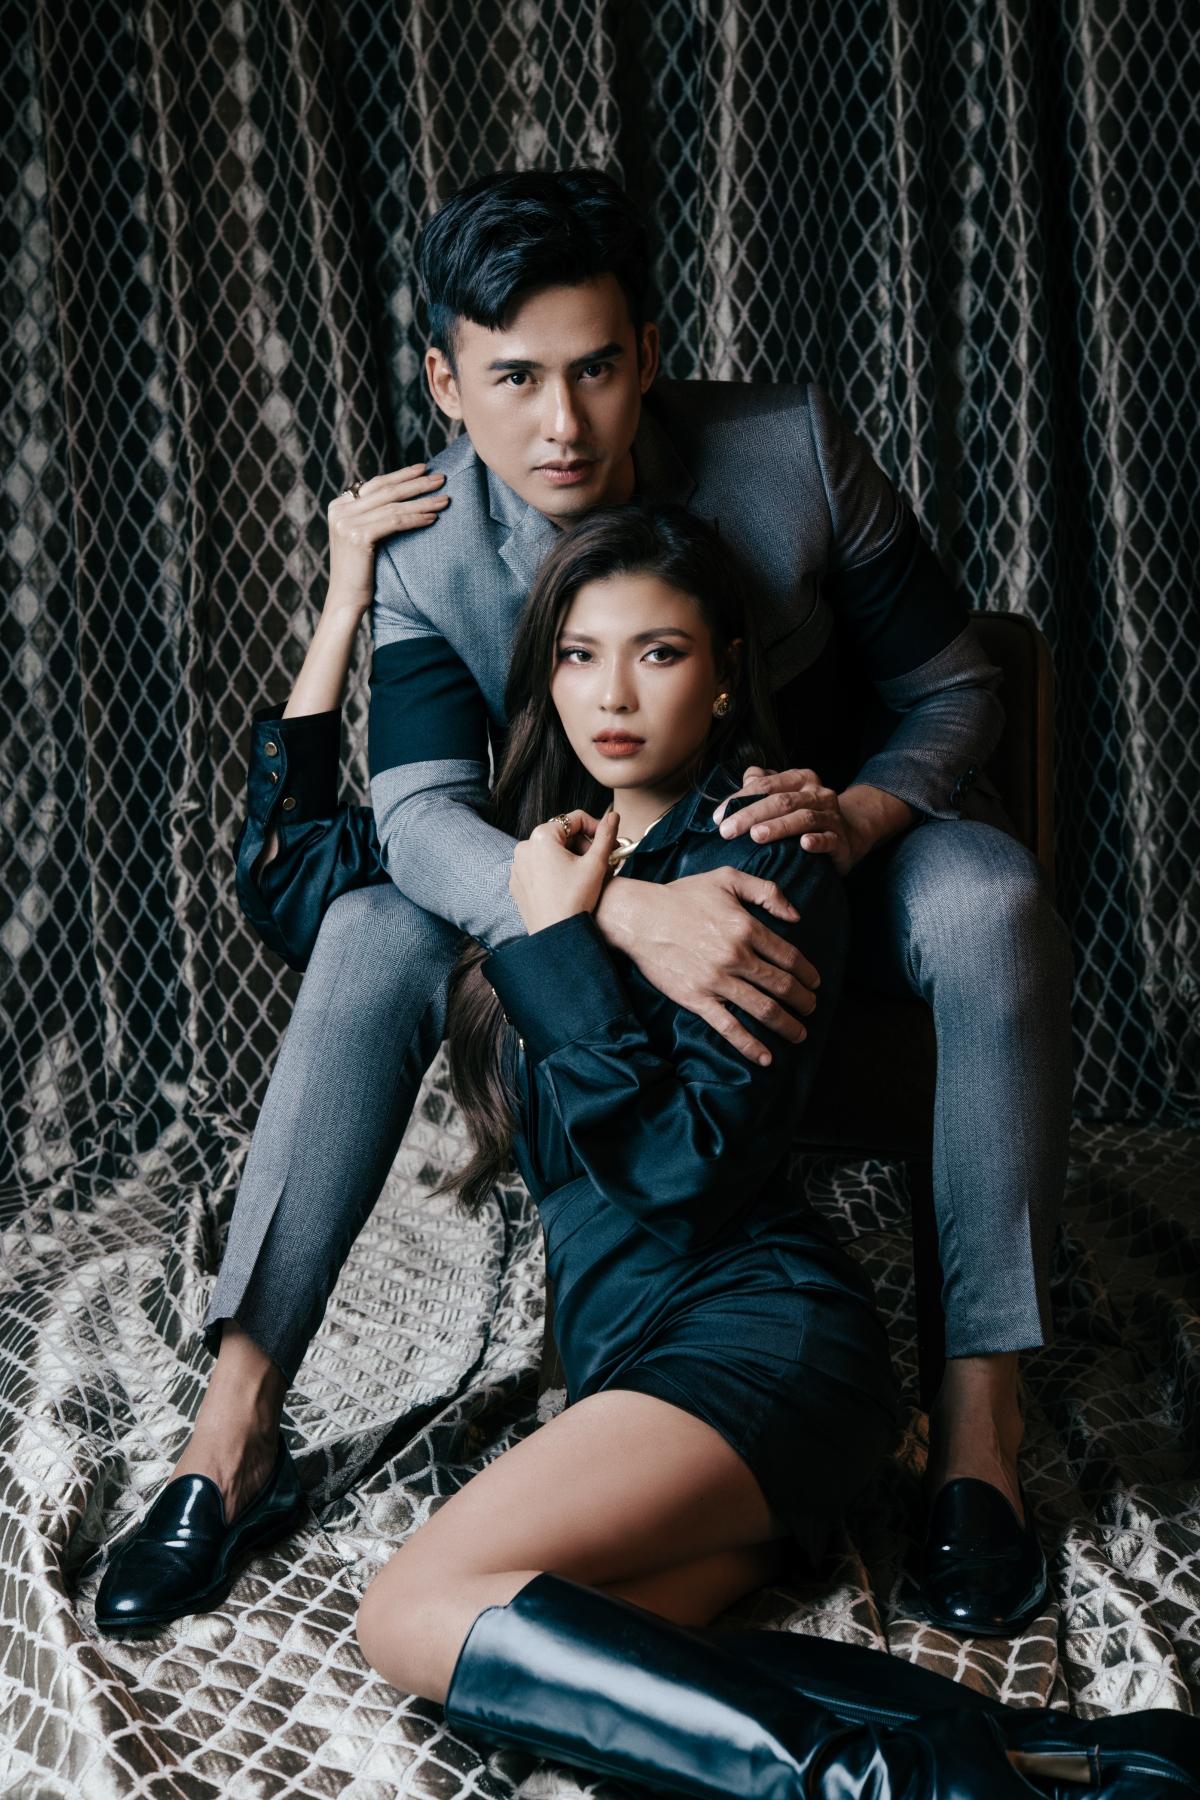 Phát huy ưu điểm về ngoại hình, nam diễn viên họ Lương cùng vợ tạo dáng hút mắt và vô cùng thần thái.